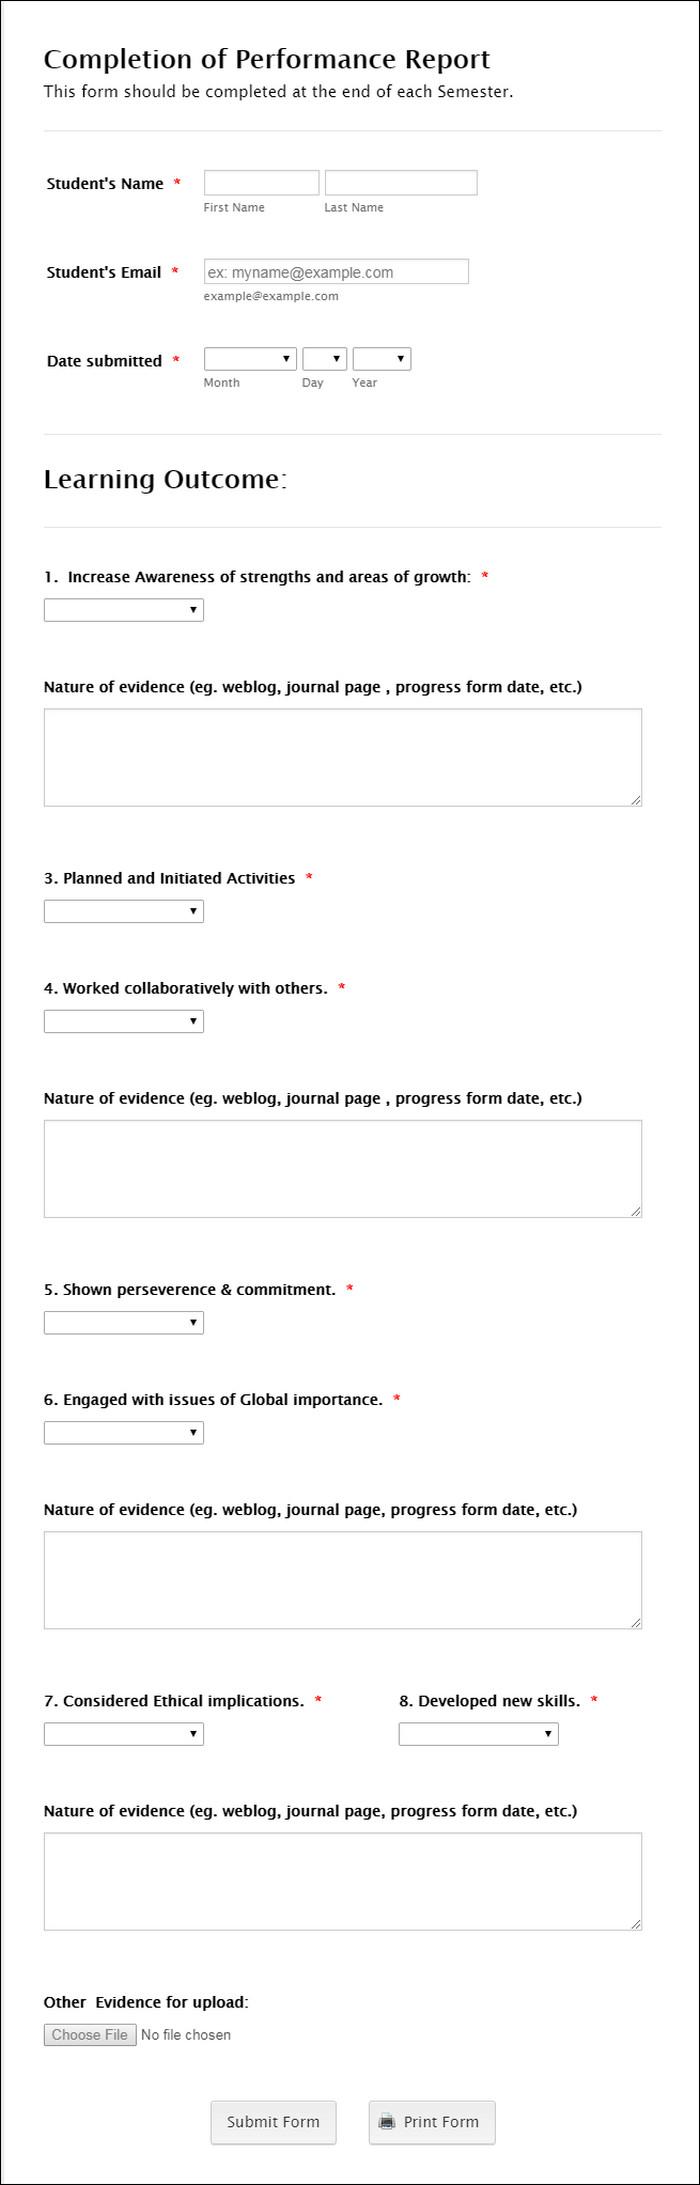 Temukan Cara Membuat Kuesioner Penelitian Di Google Form Terbaru